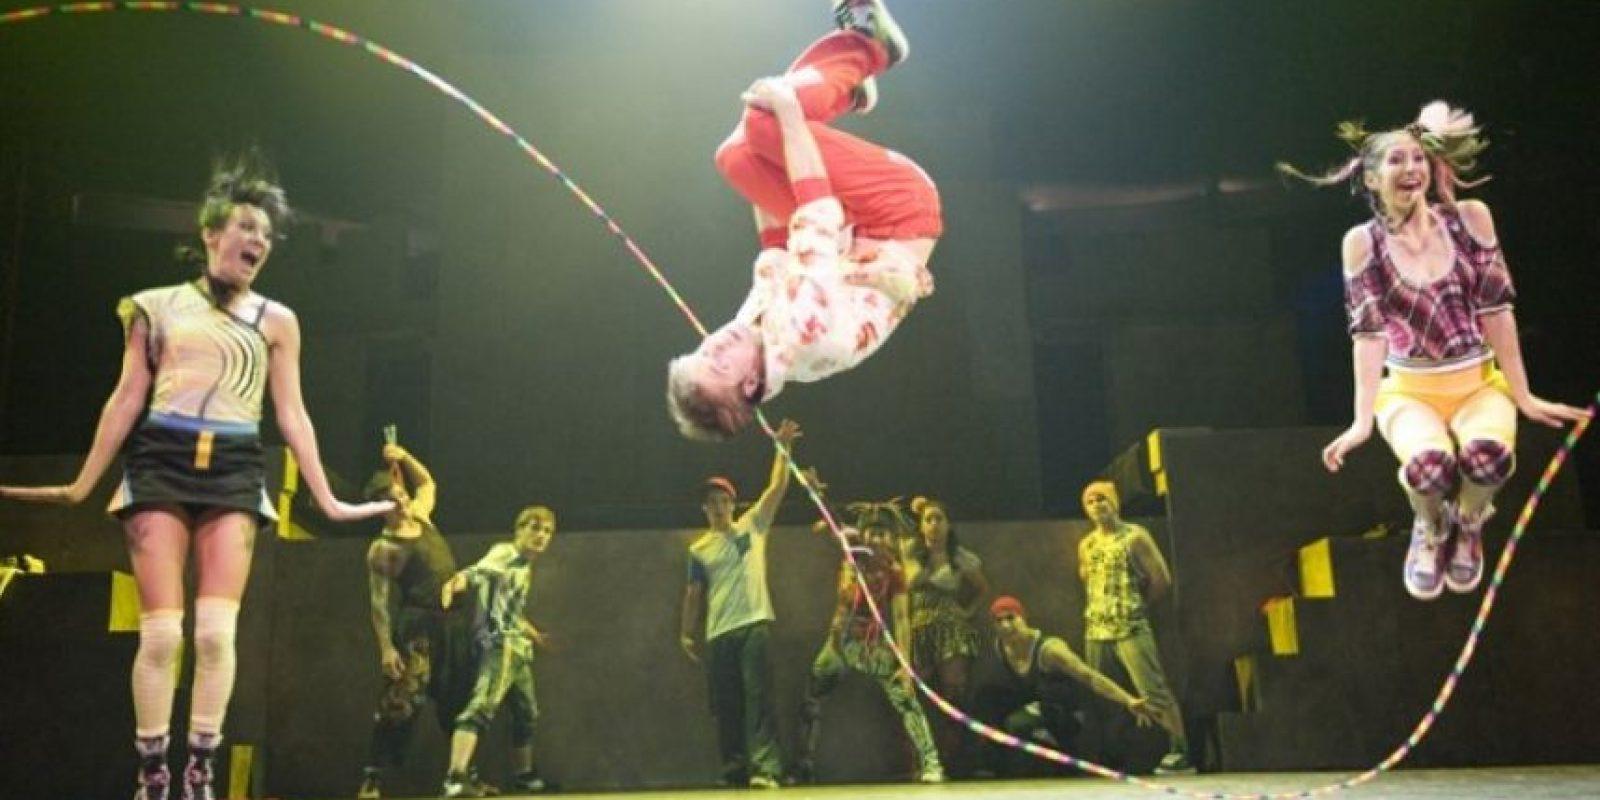 El Cirque Éloize estará del 22 de julio al 14 de agosto Foto:Theatre T & Cie/ Valérie Remise